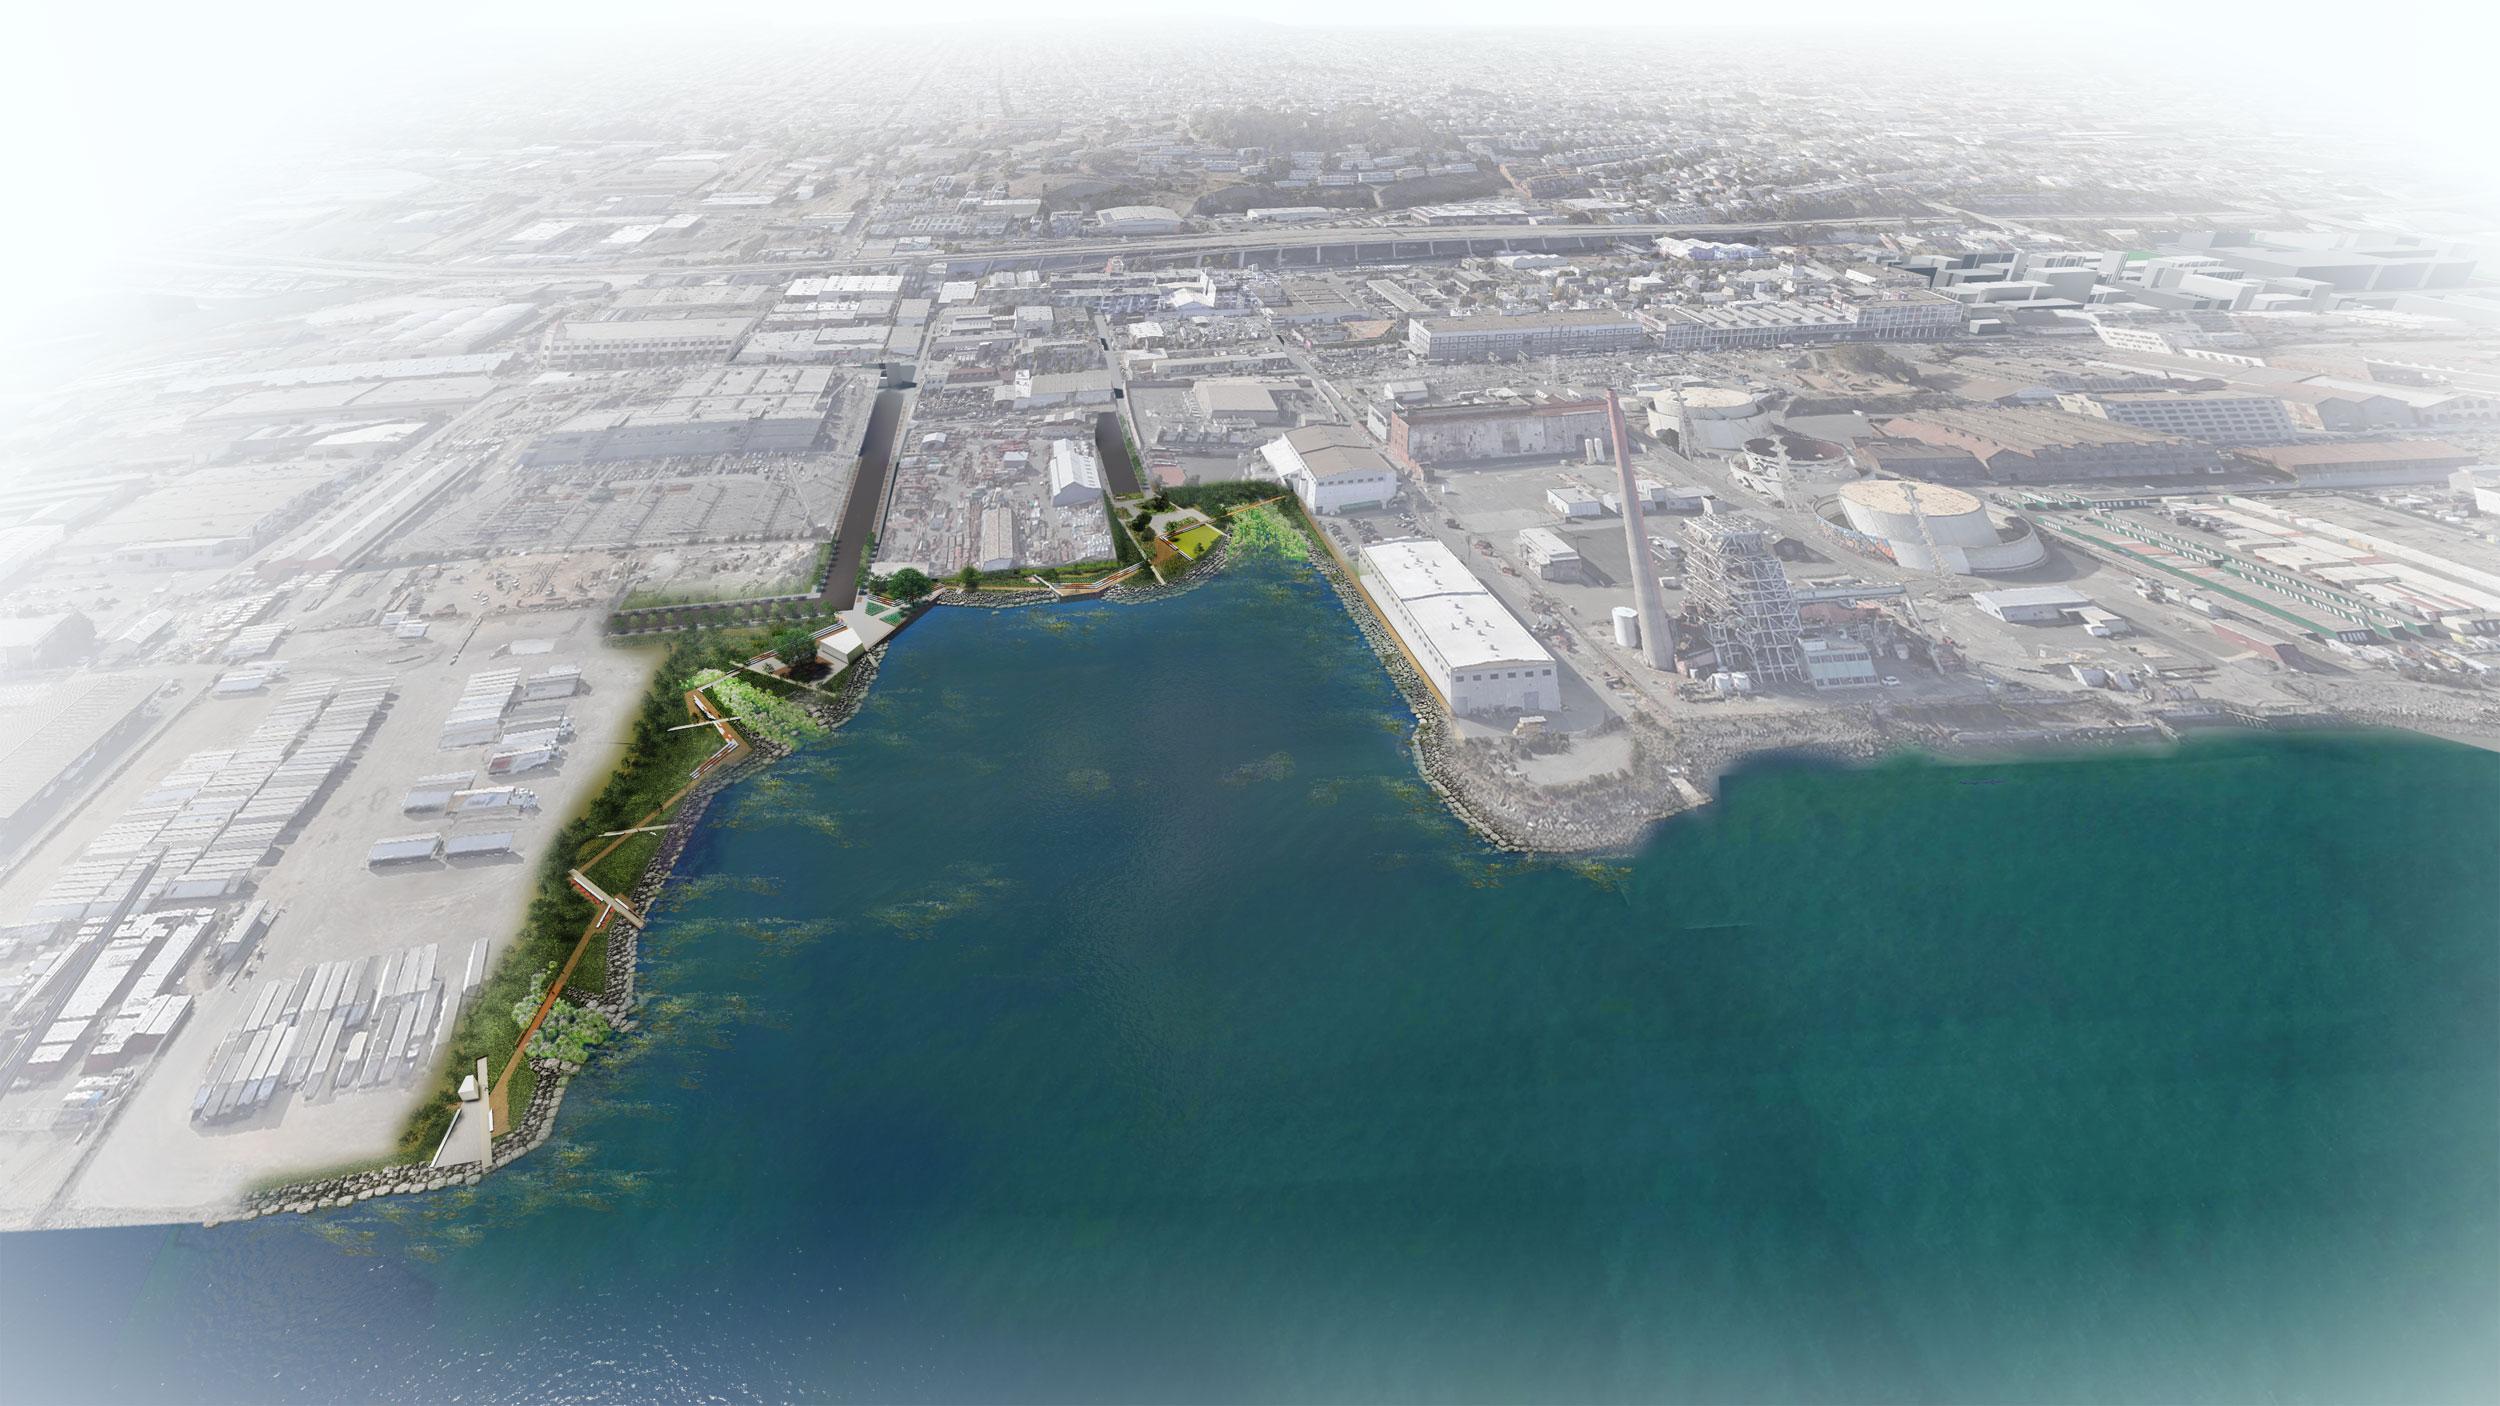 WWC-Aerial-View-Render.jpg